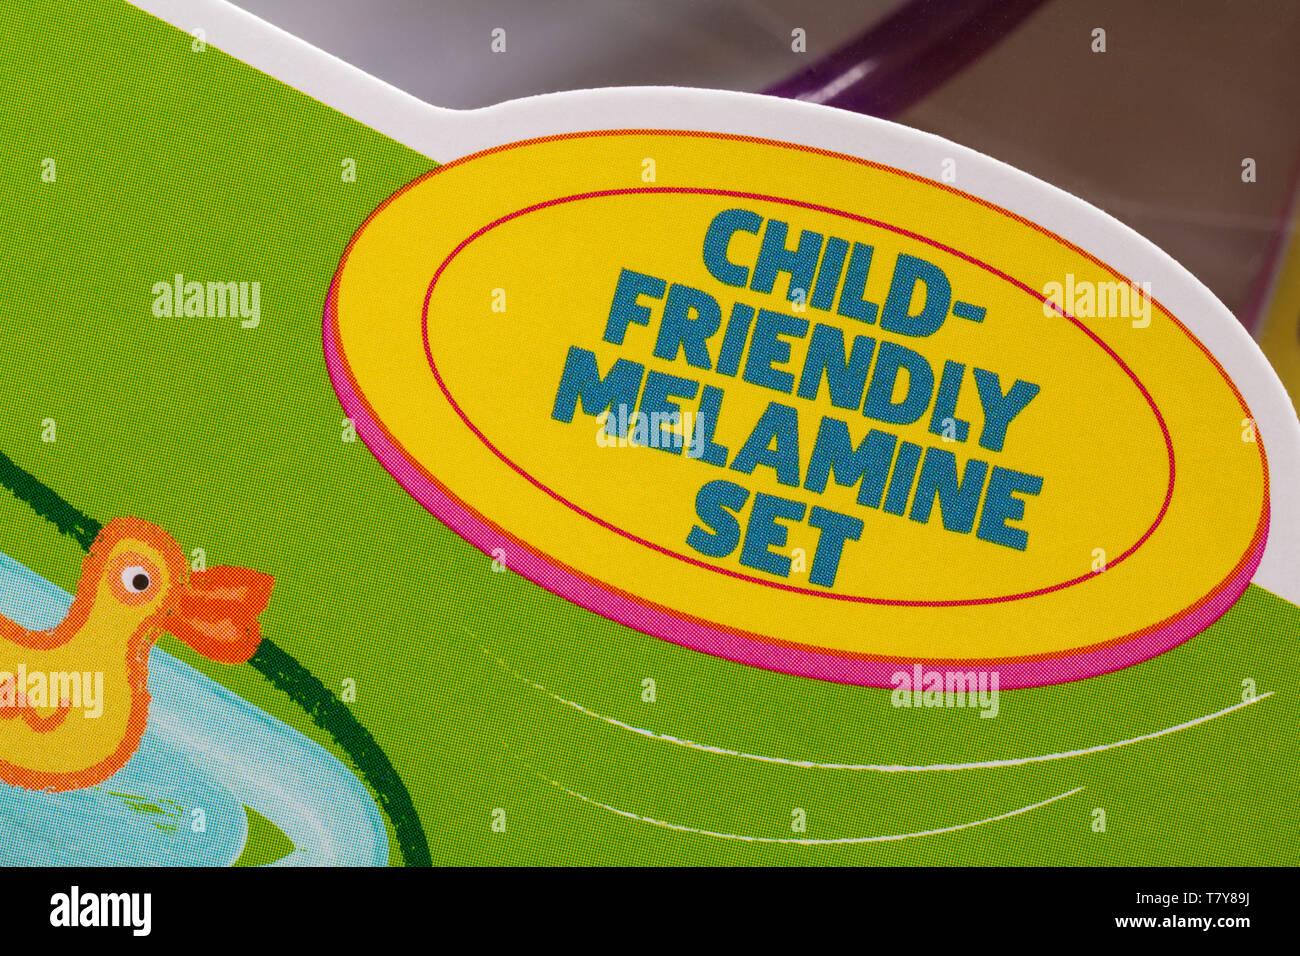 Child friendly melamine set - detail on box of Kinnerton Peppa Pig Easter Gift Set - Stock Image